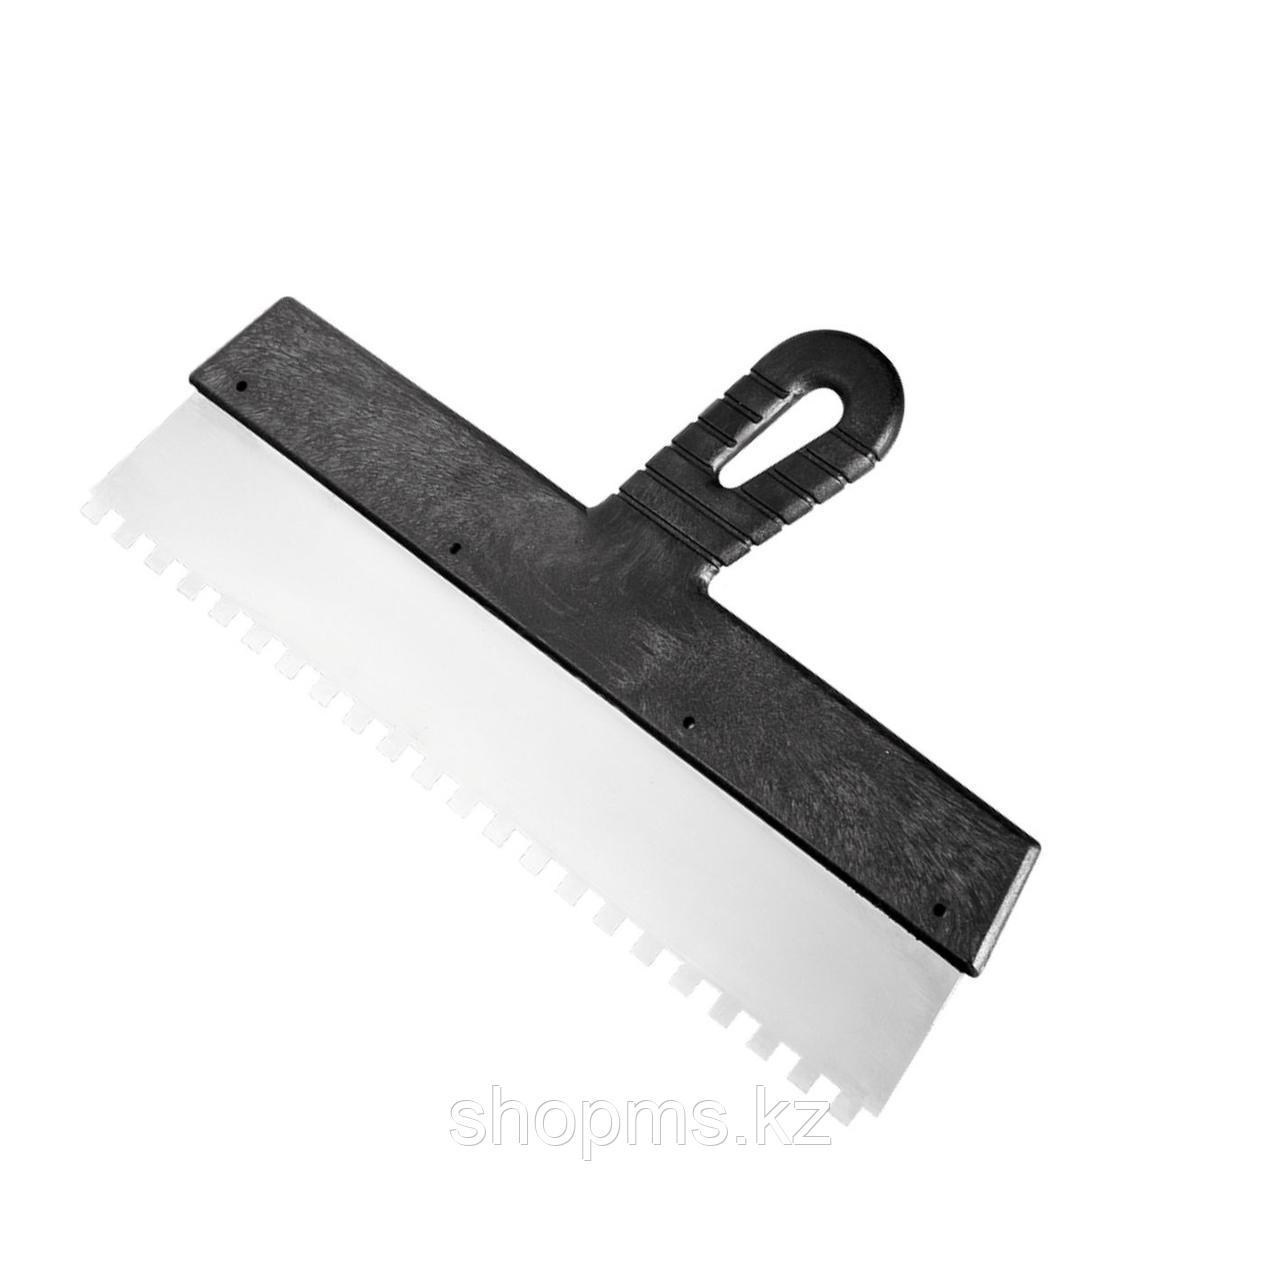 Шпатель из нержавеющей стали, 150 мм, зуб 4х4 мм, пластмассовая ручка // Россия